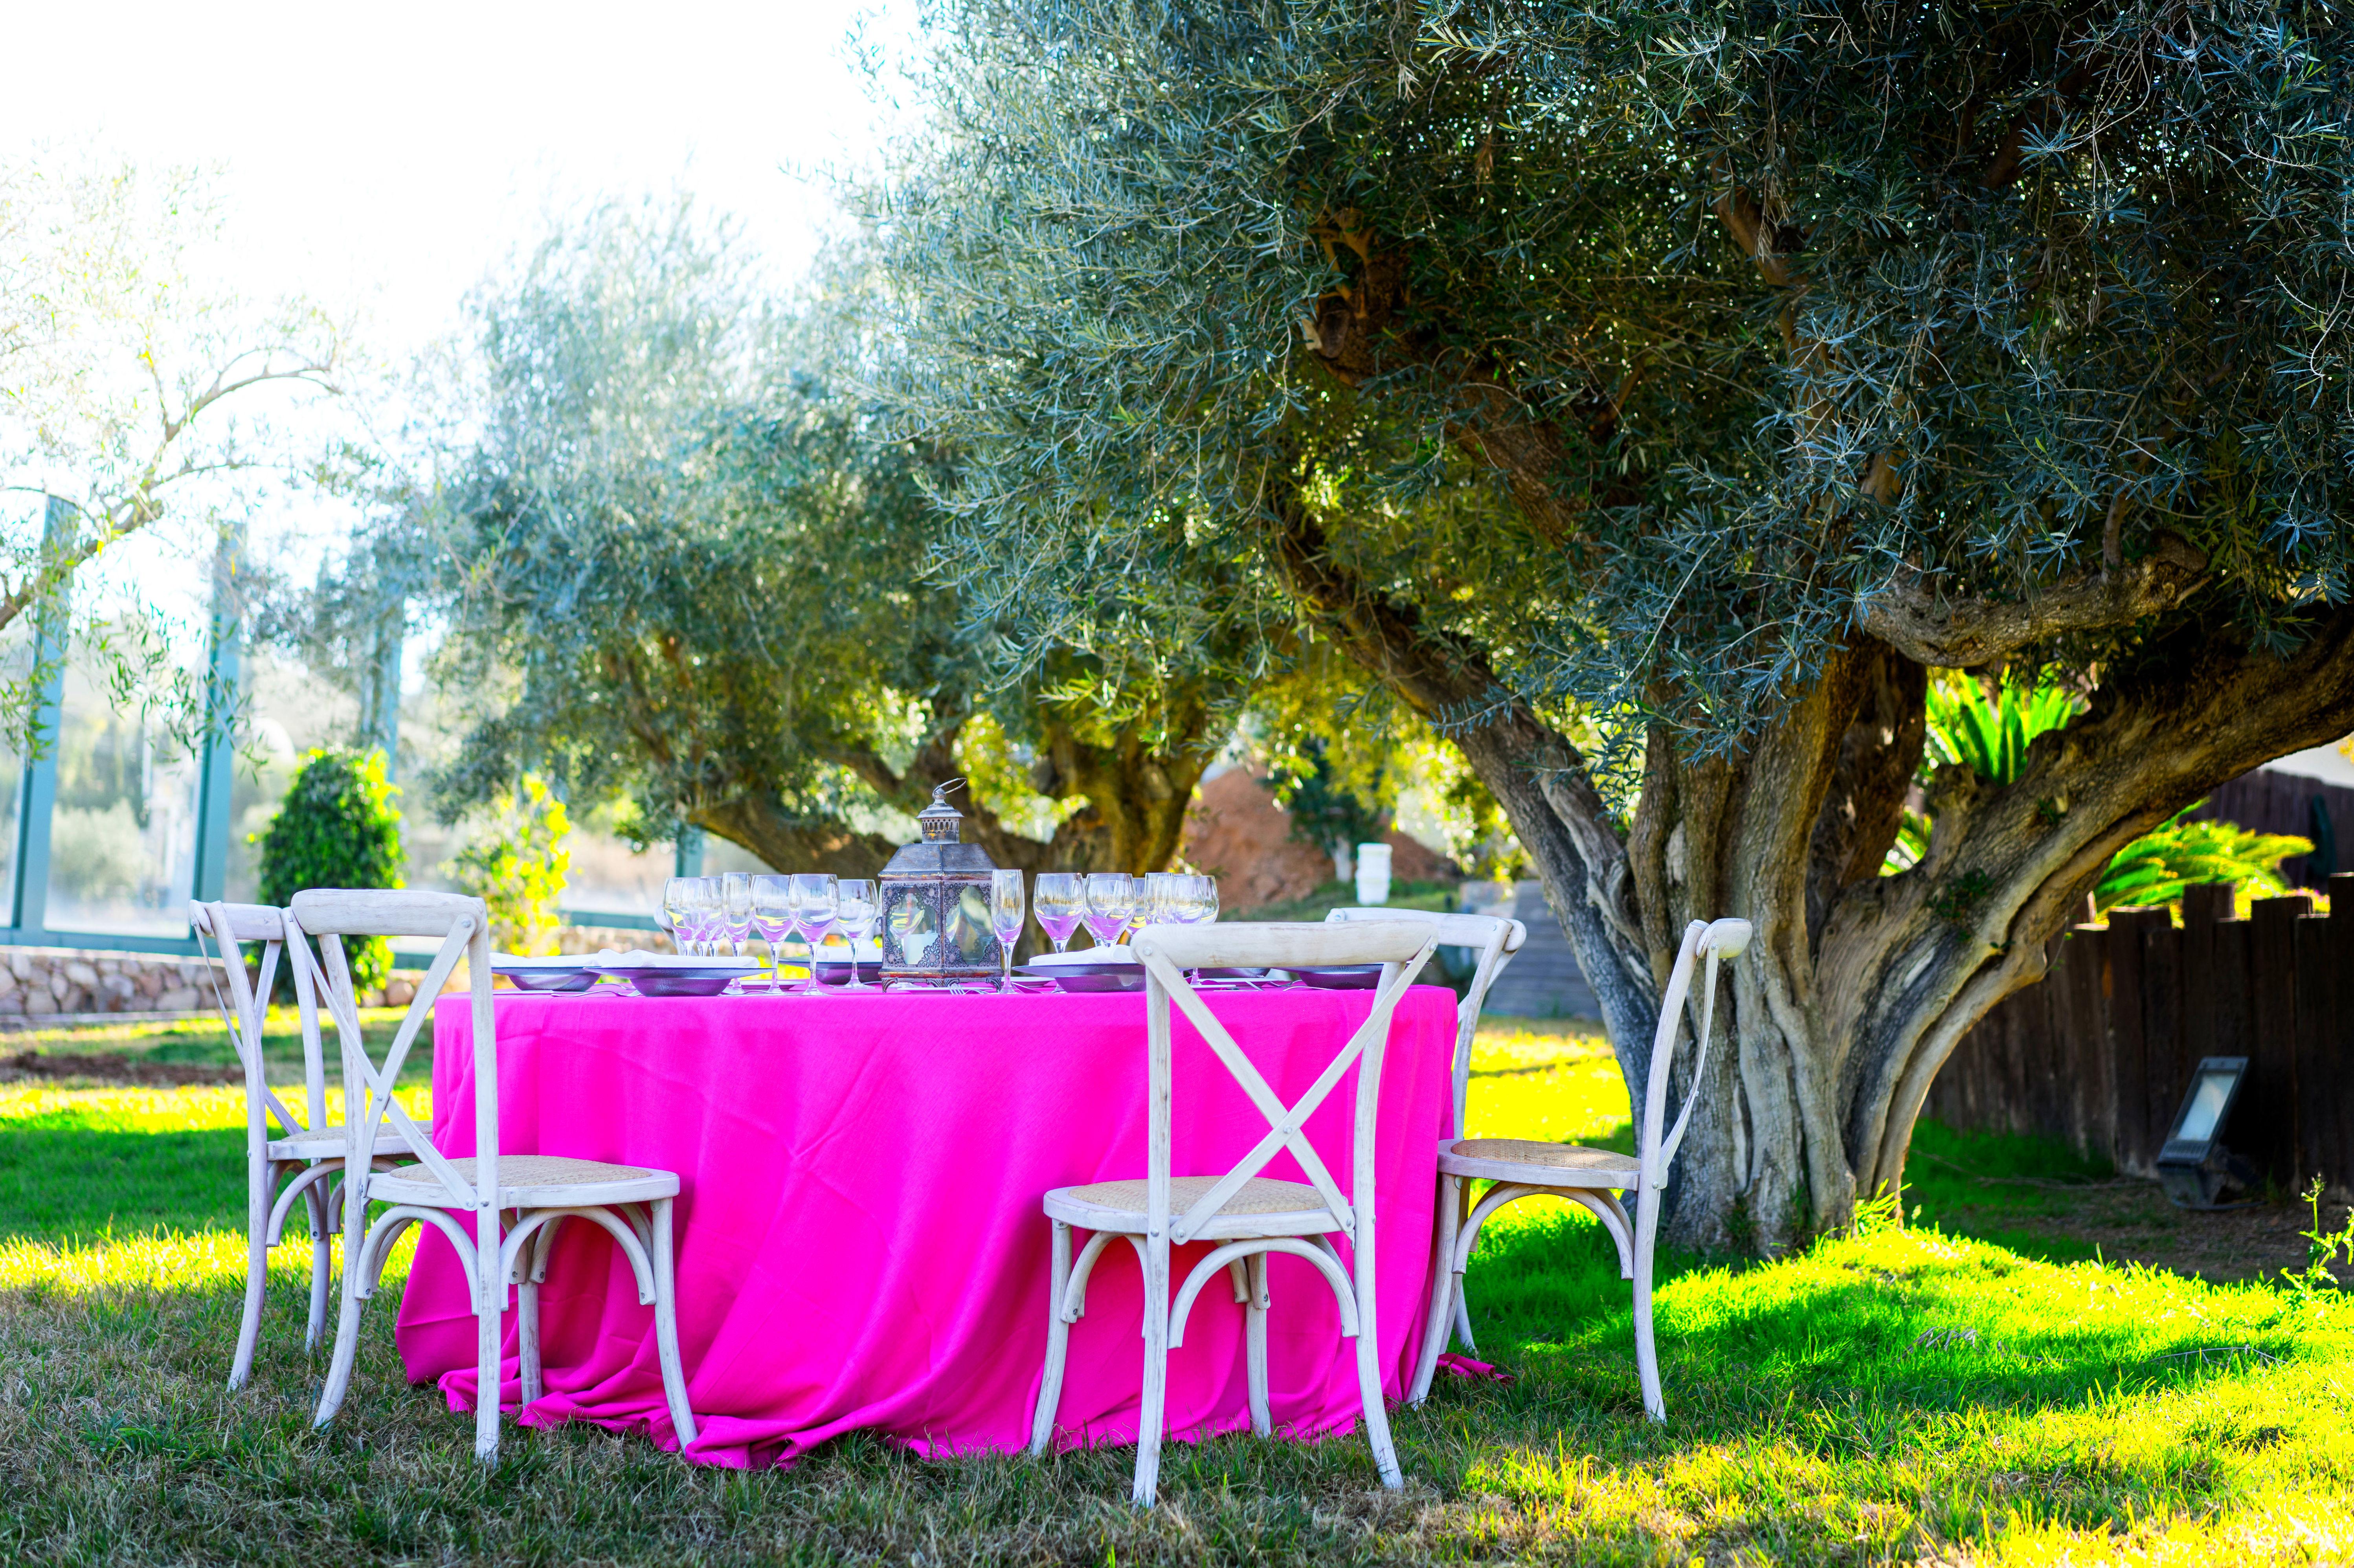 Foto 22 de Alquiler de sillas, mesas y menaje en El Palmar | Mantelería & Menaje